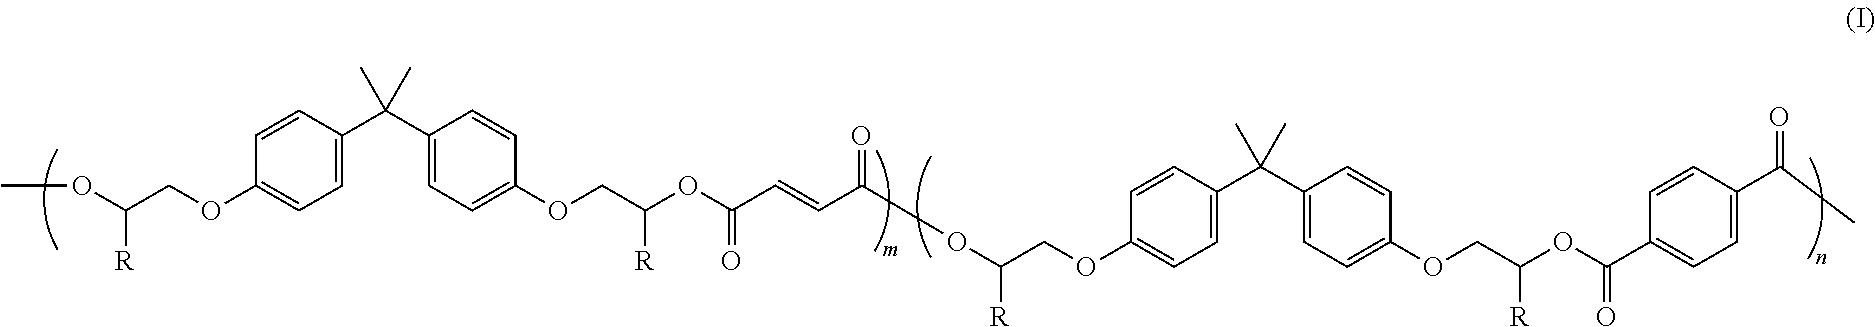 Figure US20110217647A1-20110908-C00001